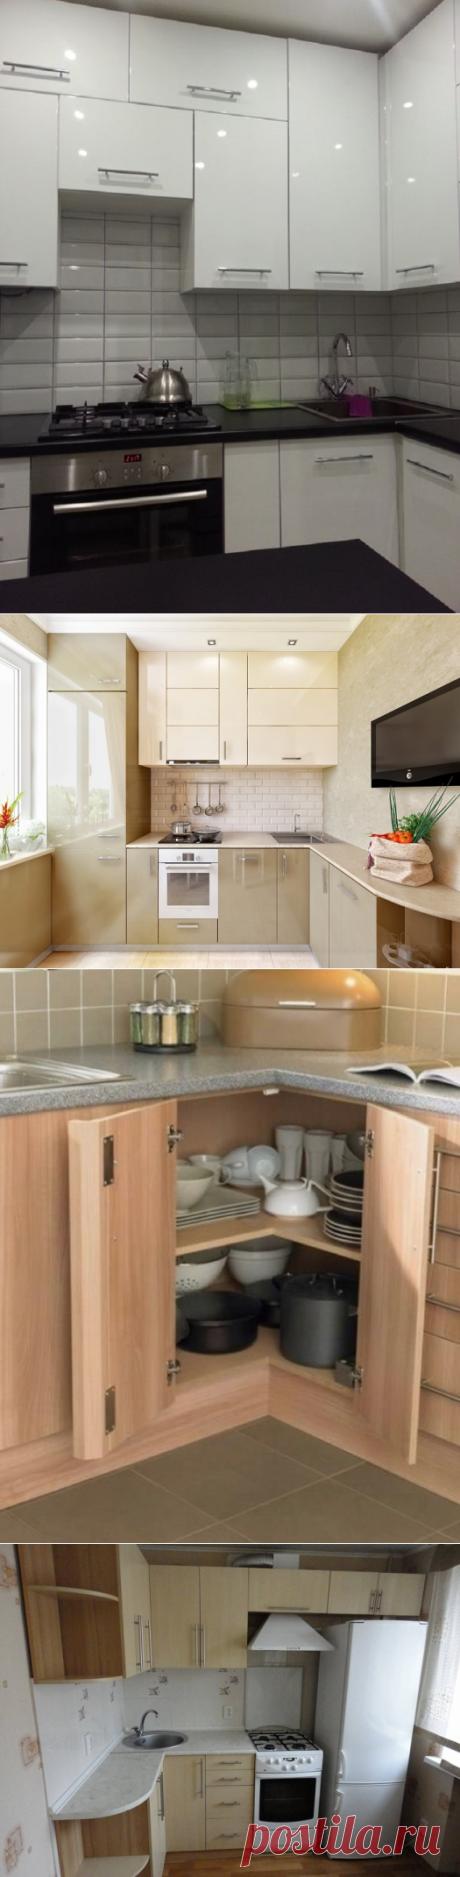 10 ключевых ошибок, которые часто допускают в дизайне кухни, и советы, как их исправить